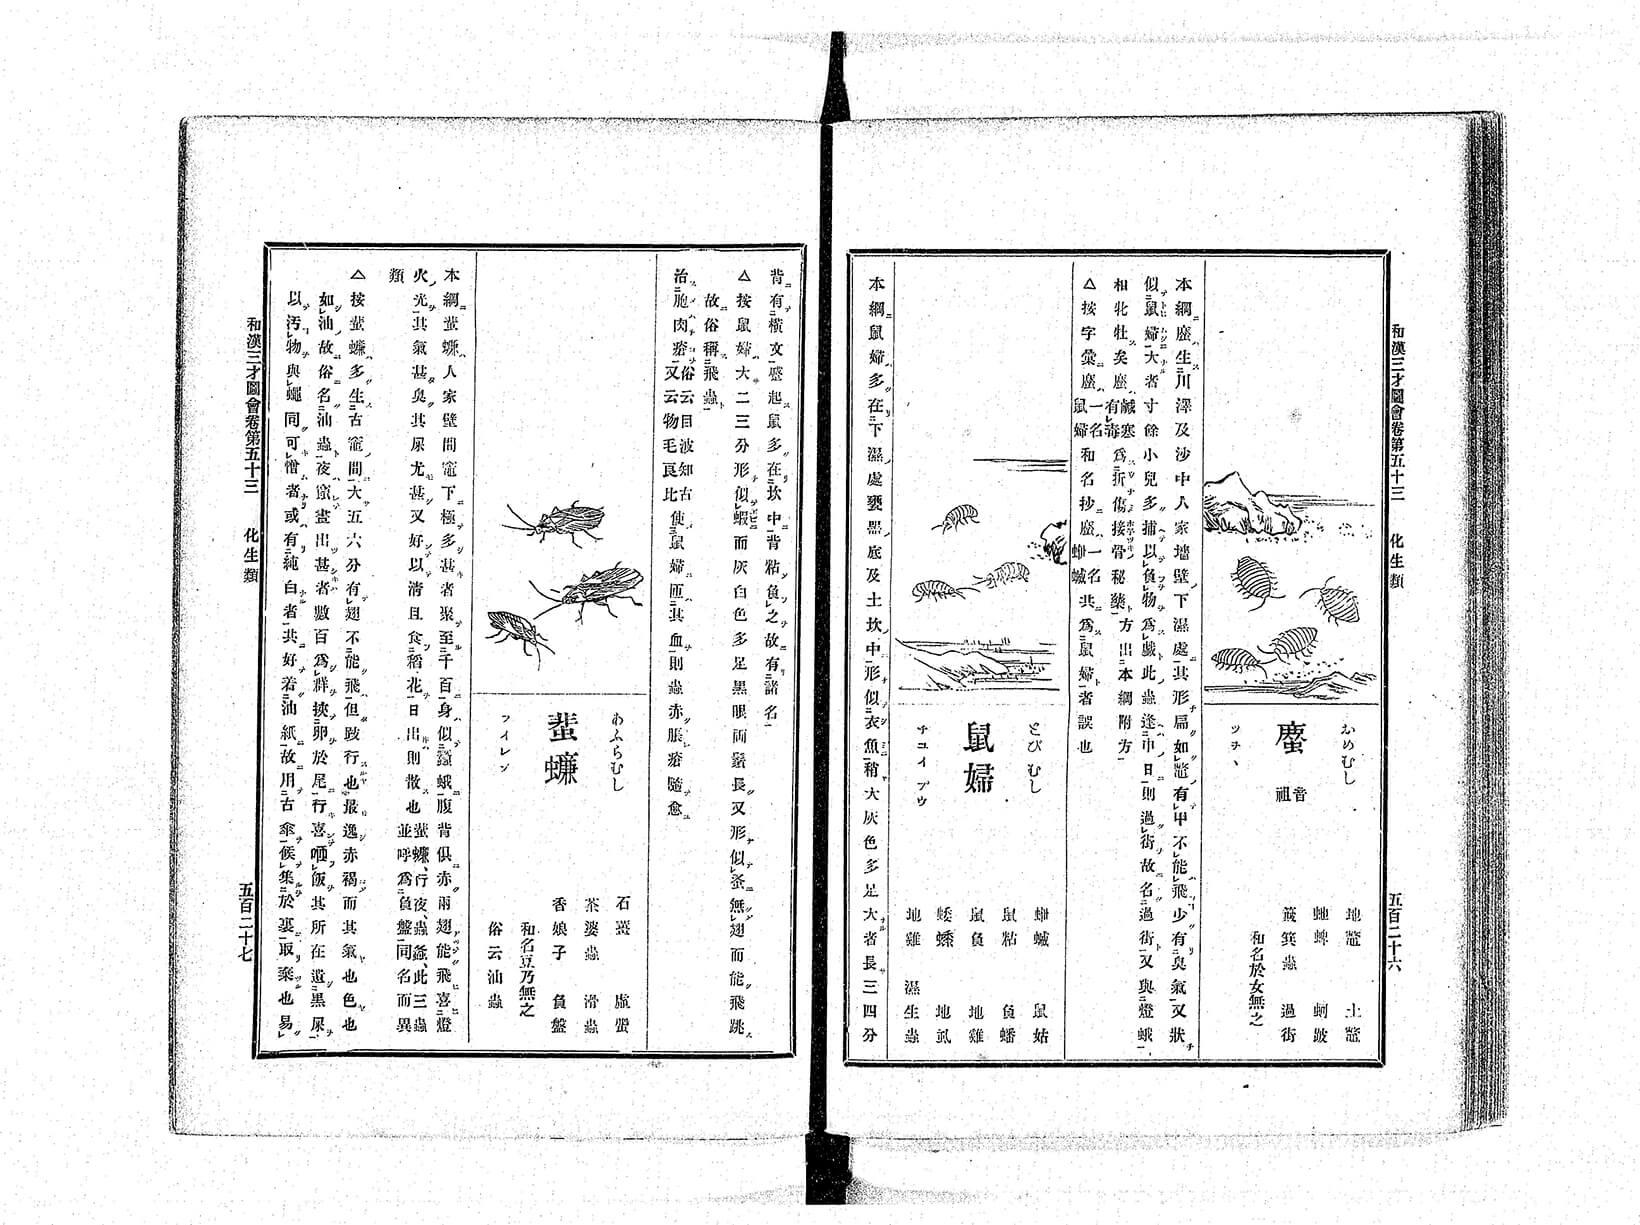 『和漢三才図会』 出典/国立国会図書館ウェブサイト